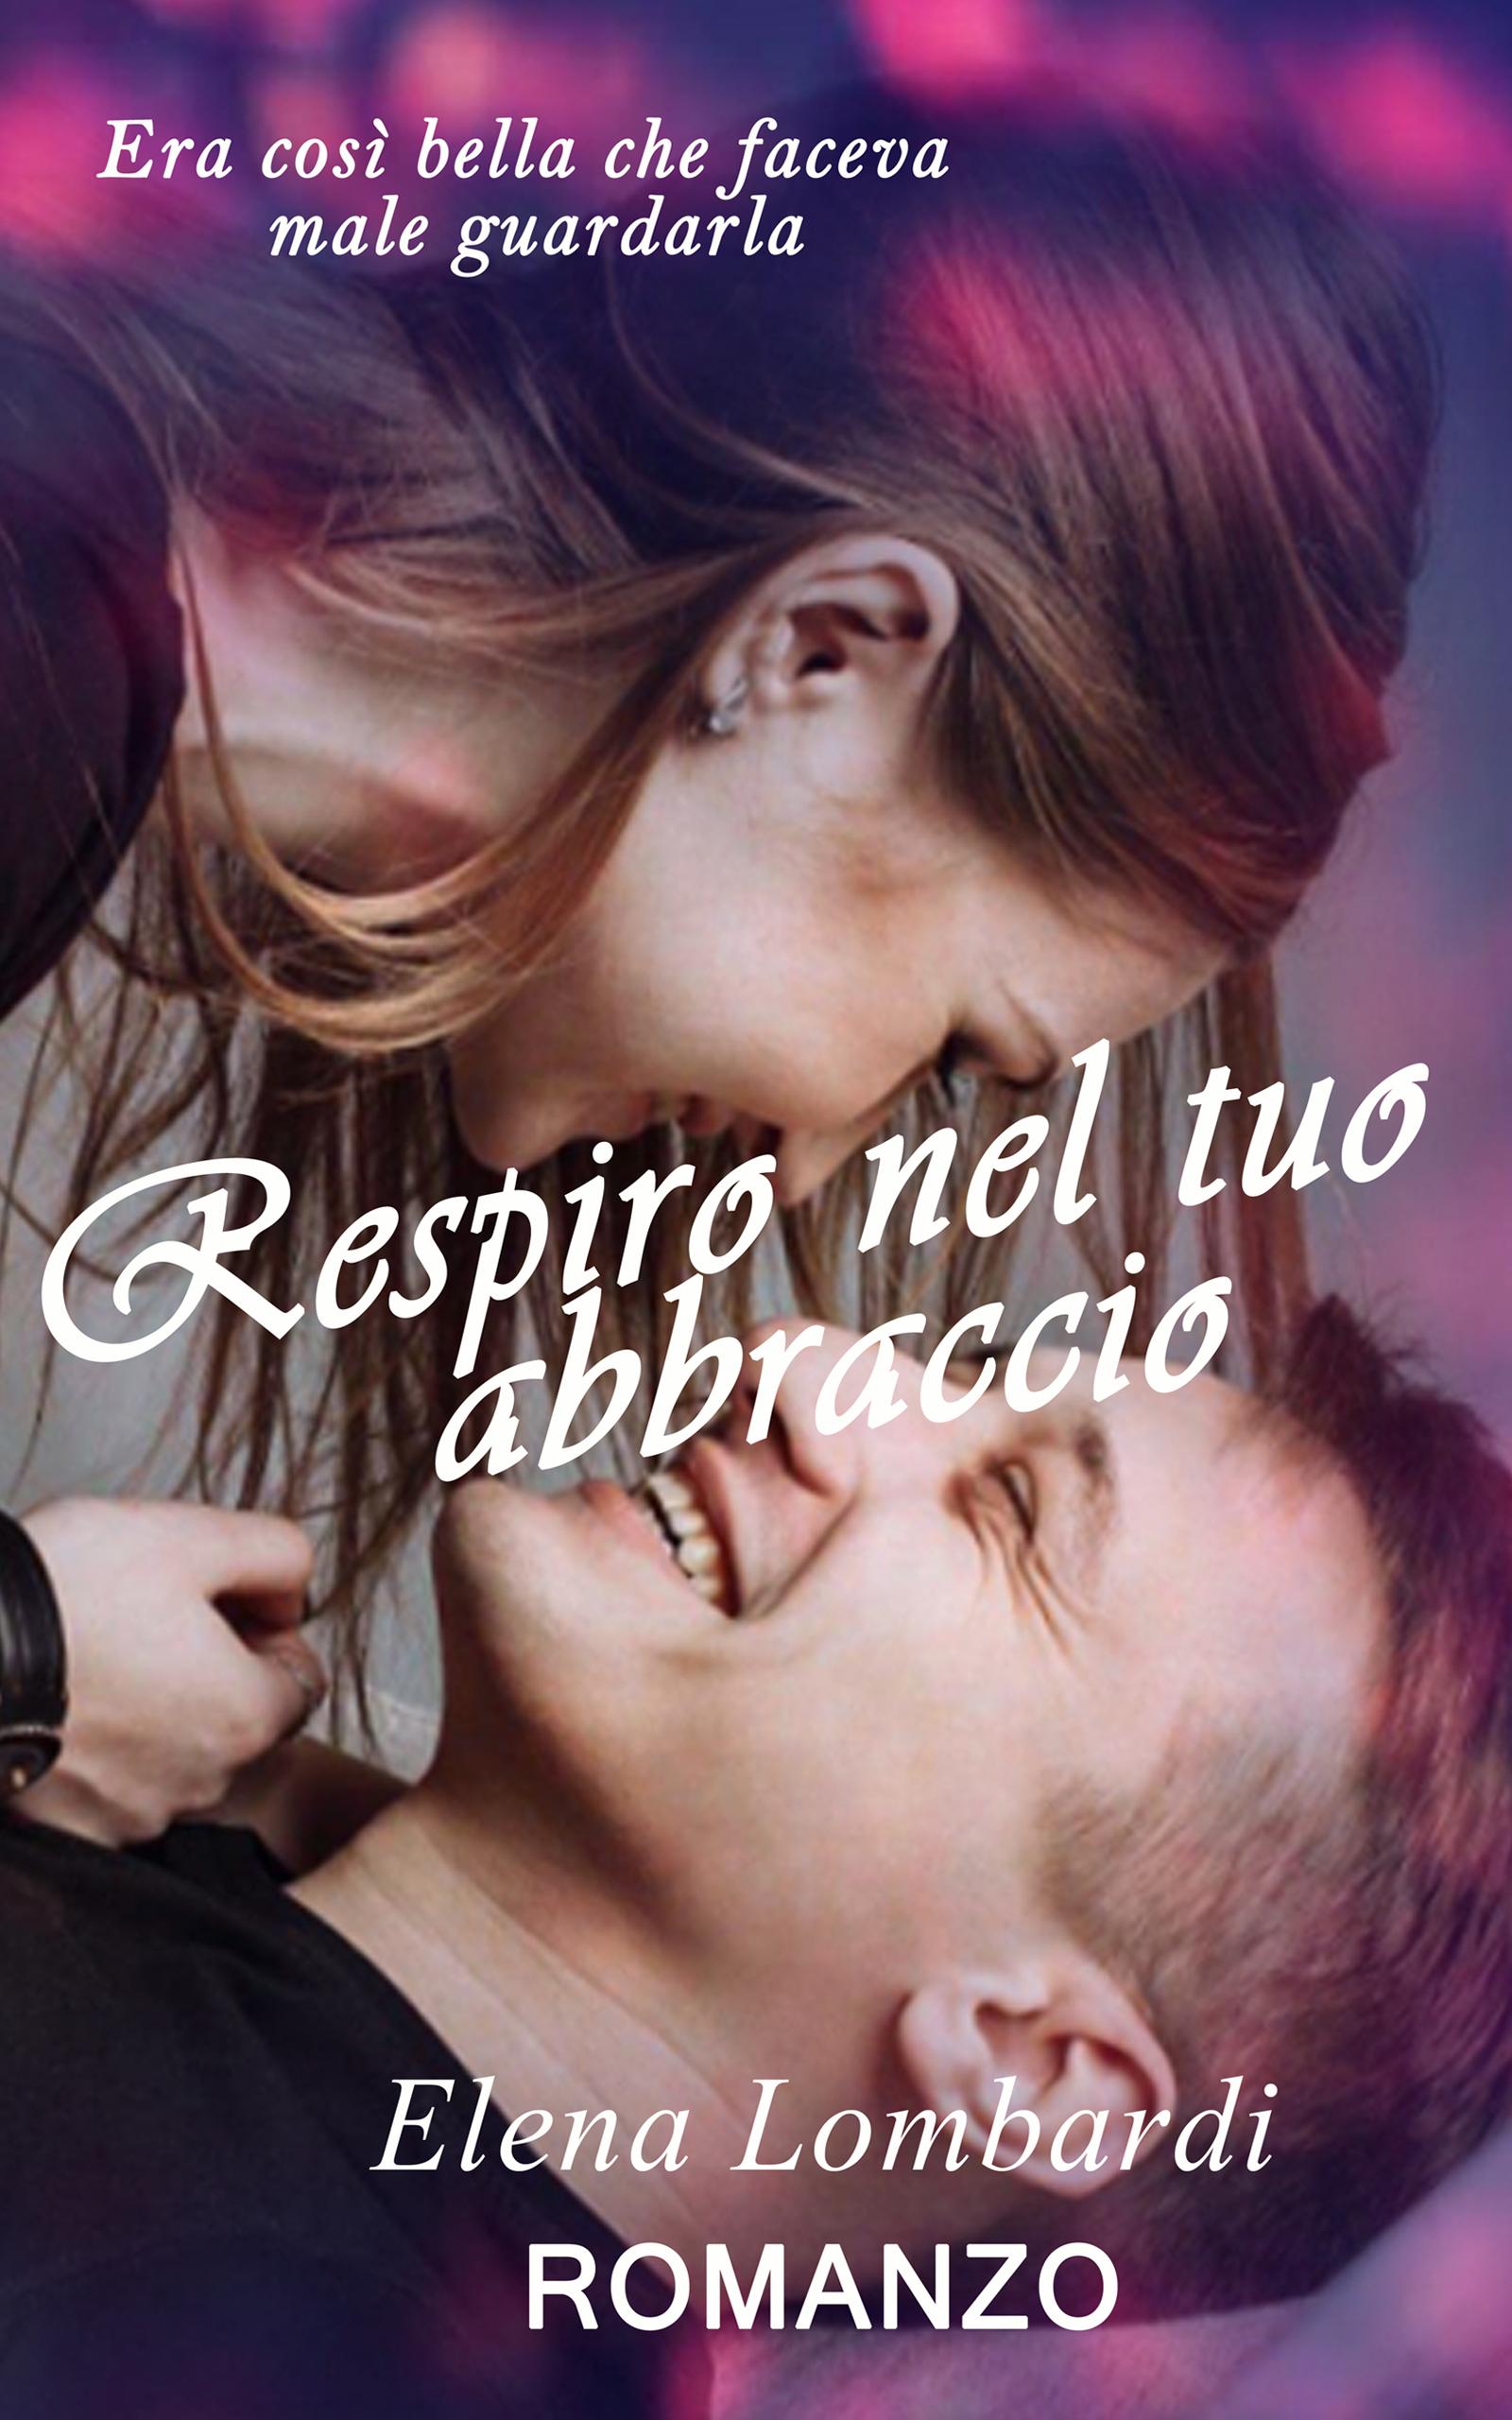 copertina ebook Respiro nel tuo abbraccio(1)